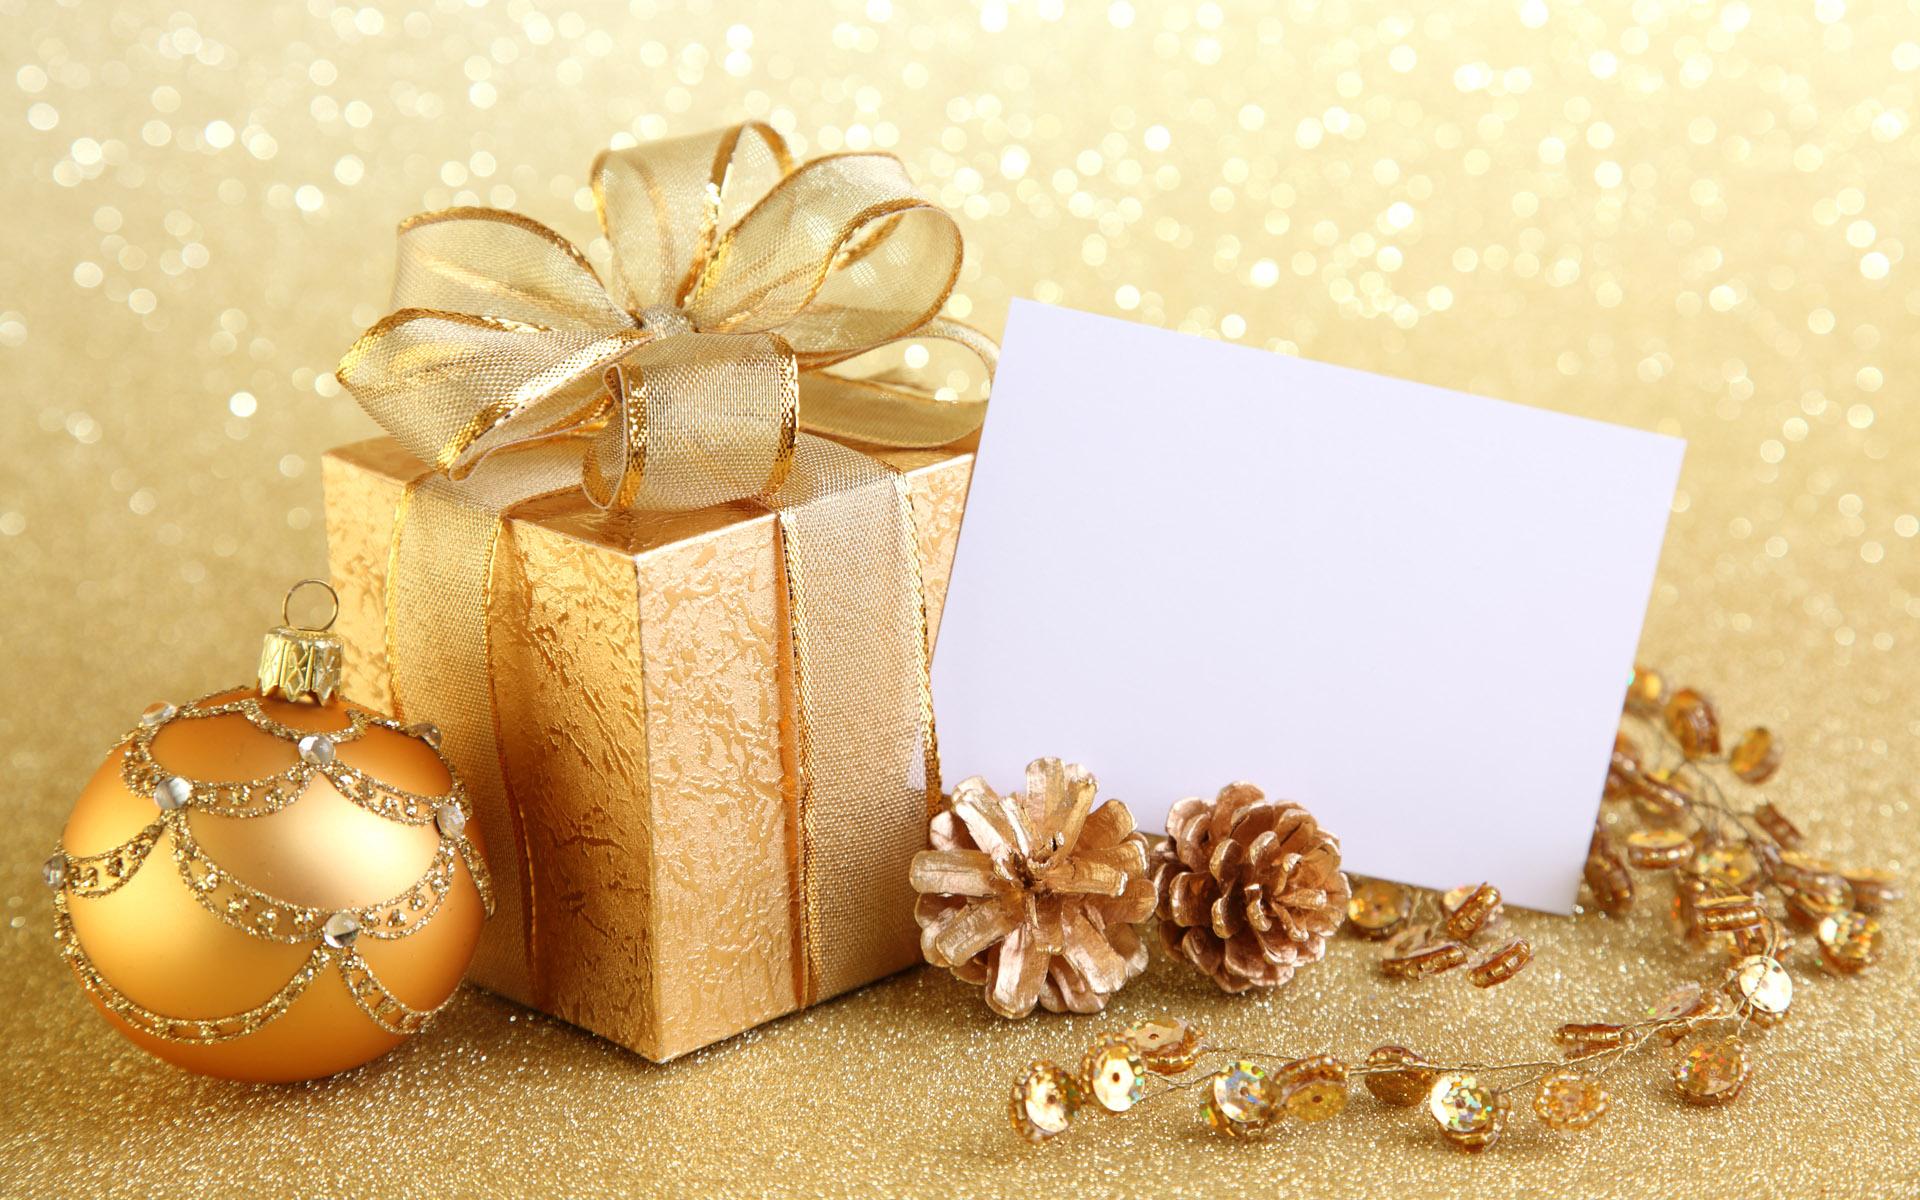 Christmas_decor_25.jpeg